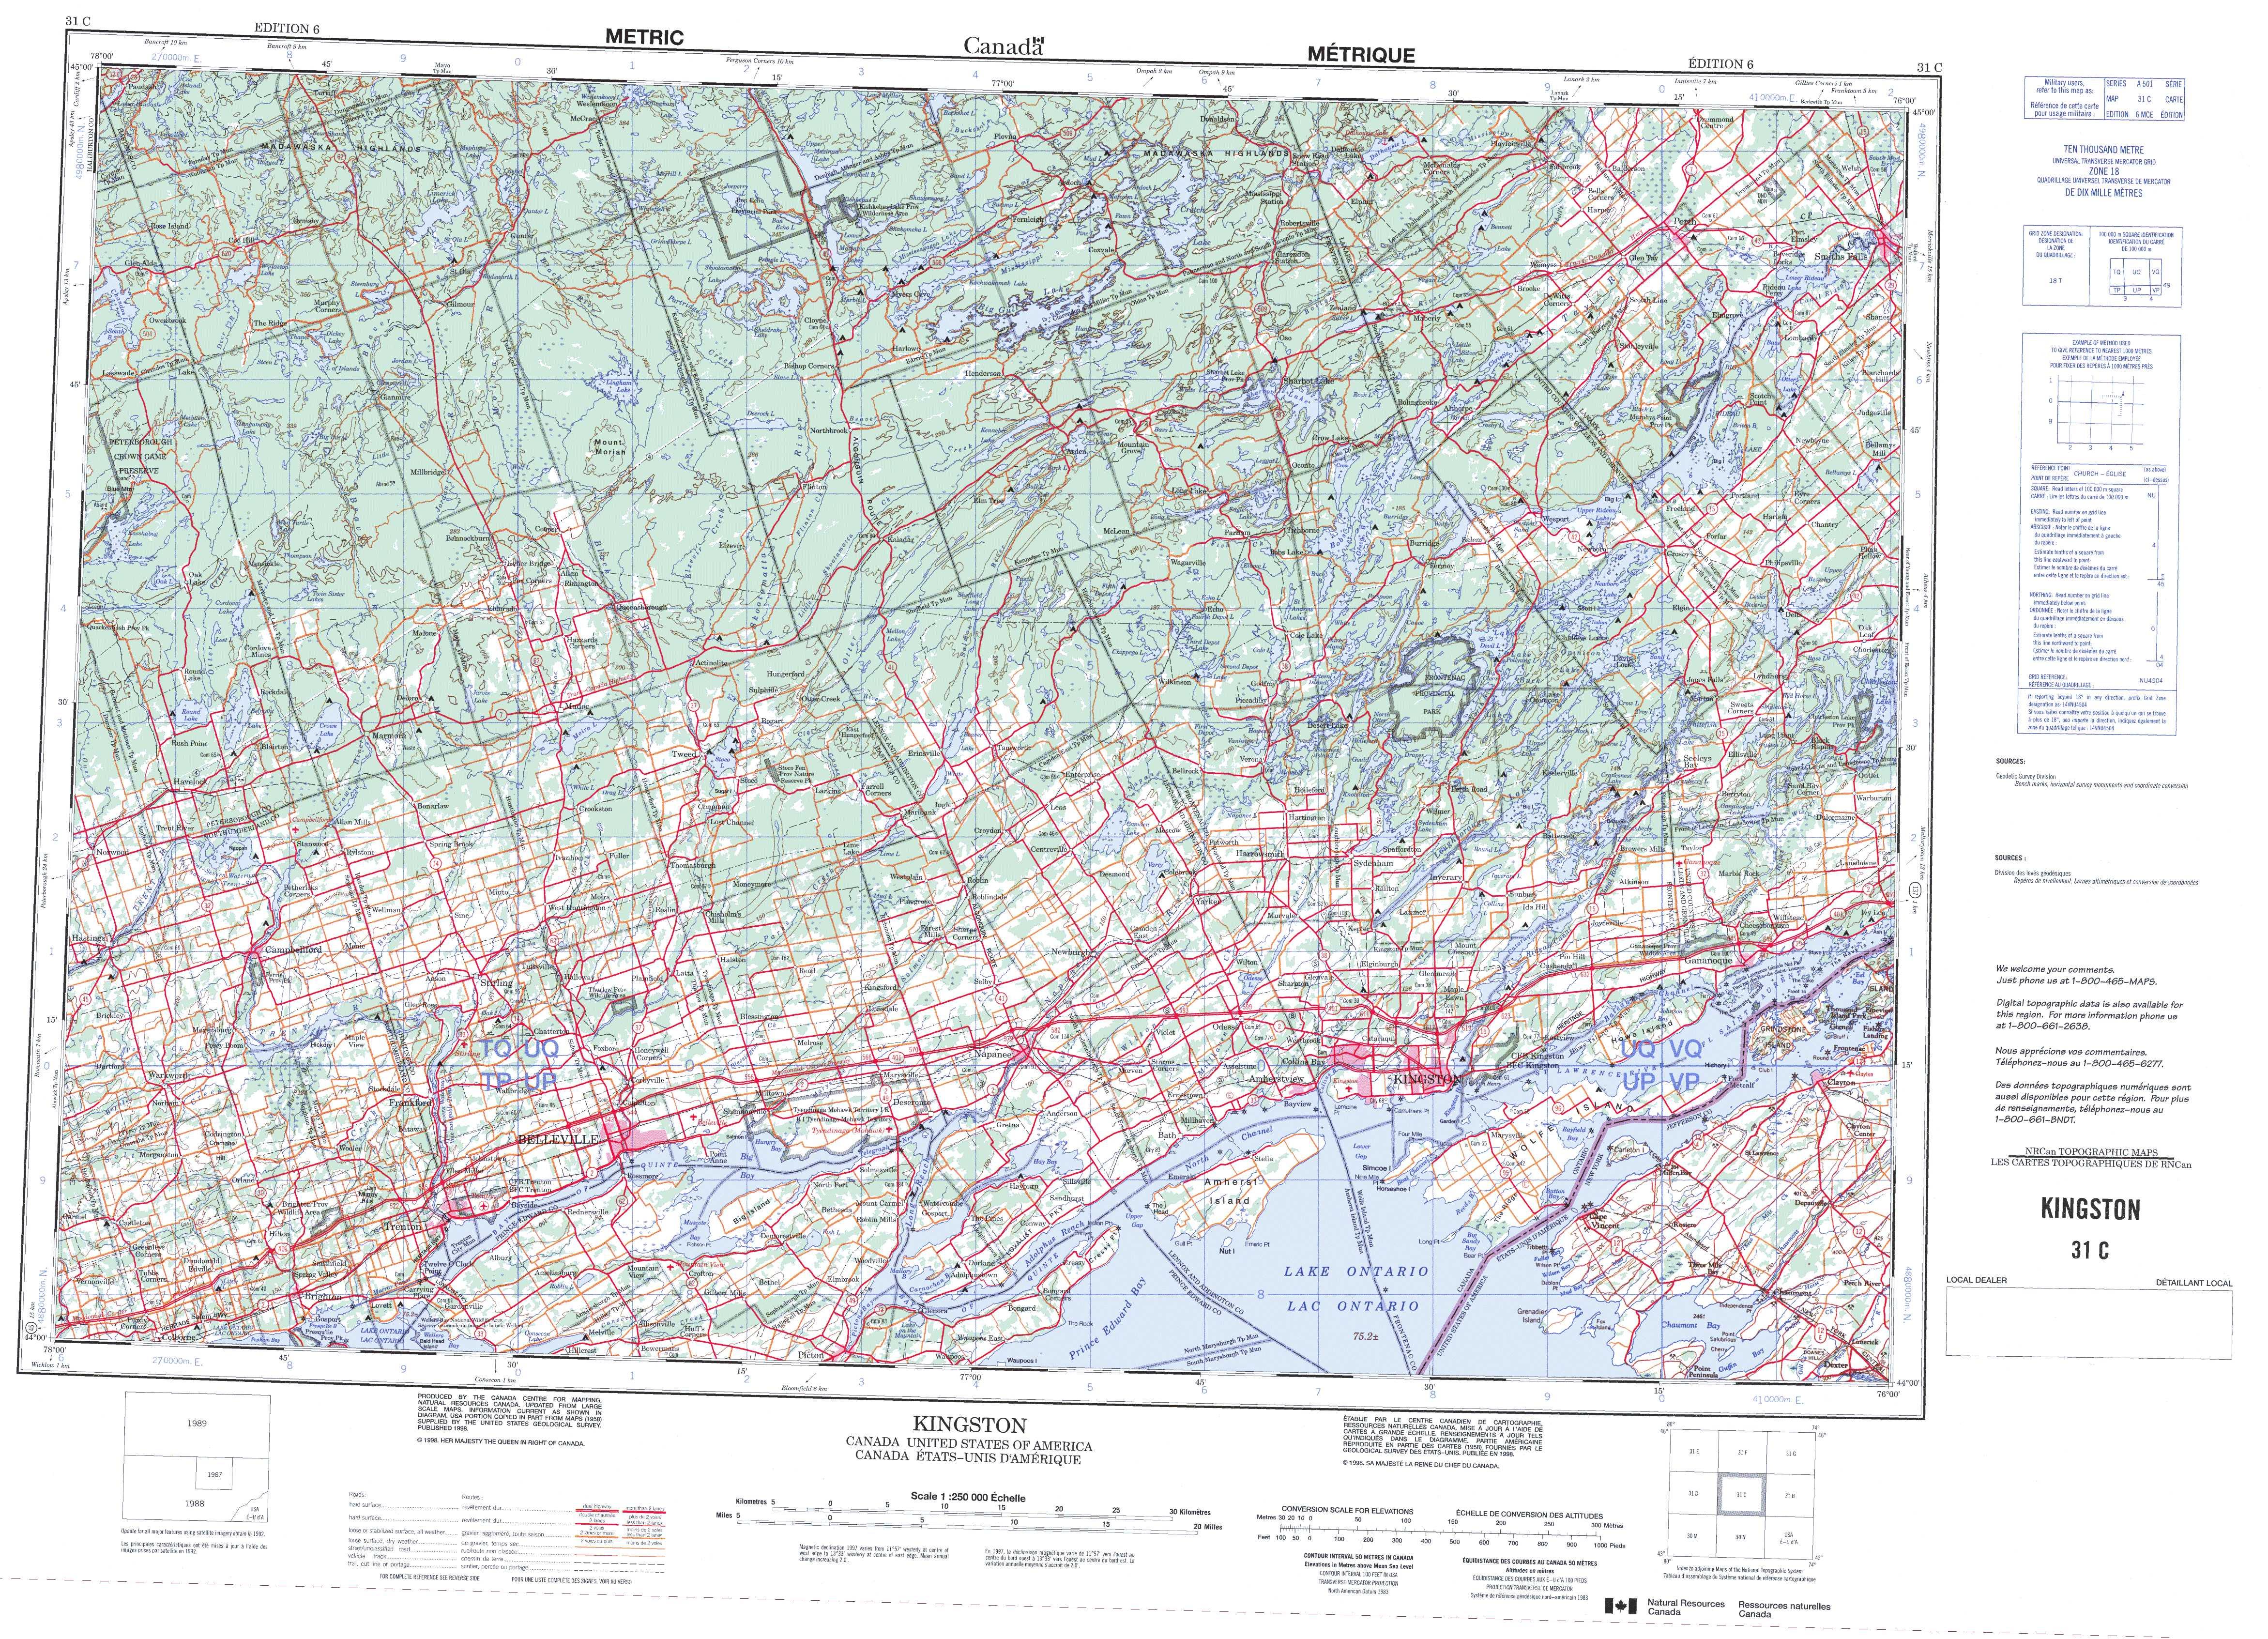 Printable Topographic Map Of Kingston 031C, On - Free Printable Topo Maps